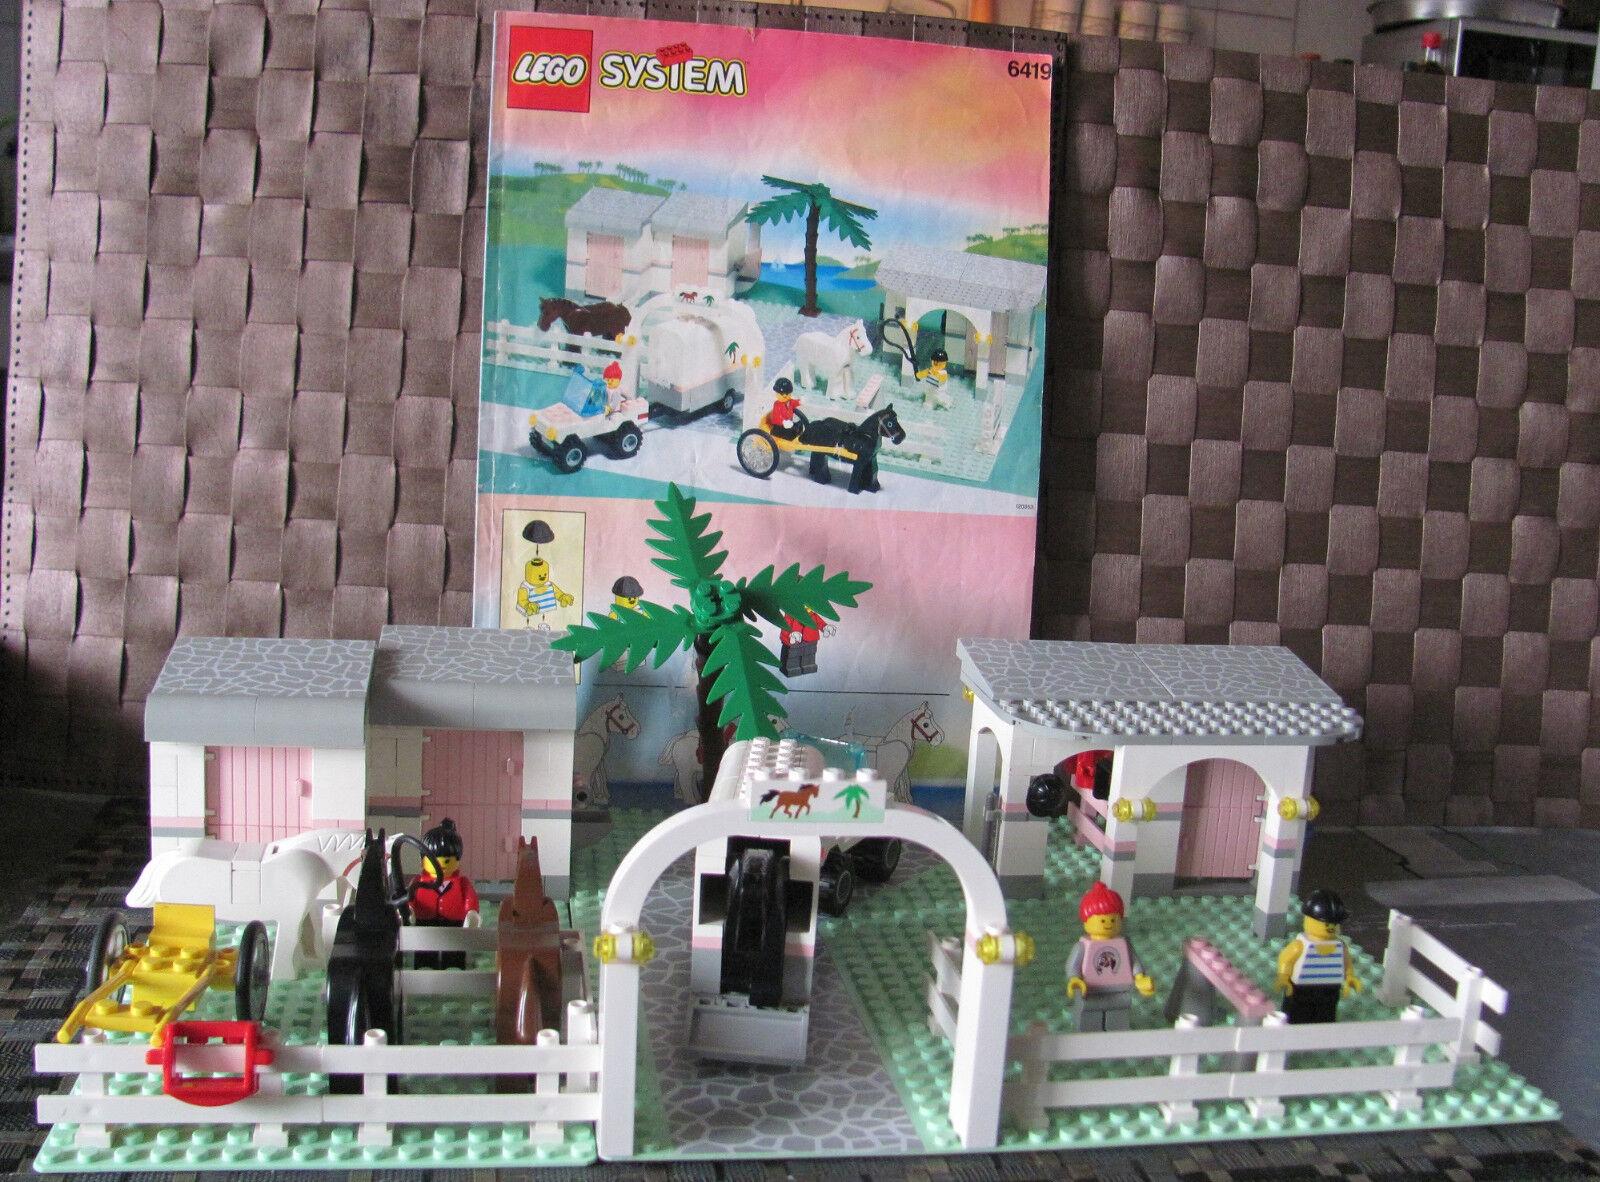 LEGO System Paradisa équestre Rolling acres Ranch 6419 U. de recette